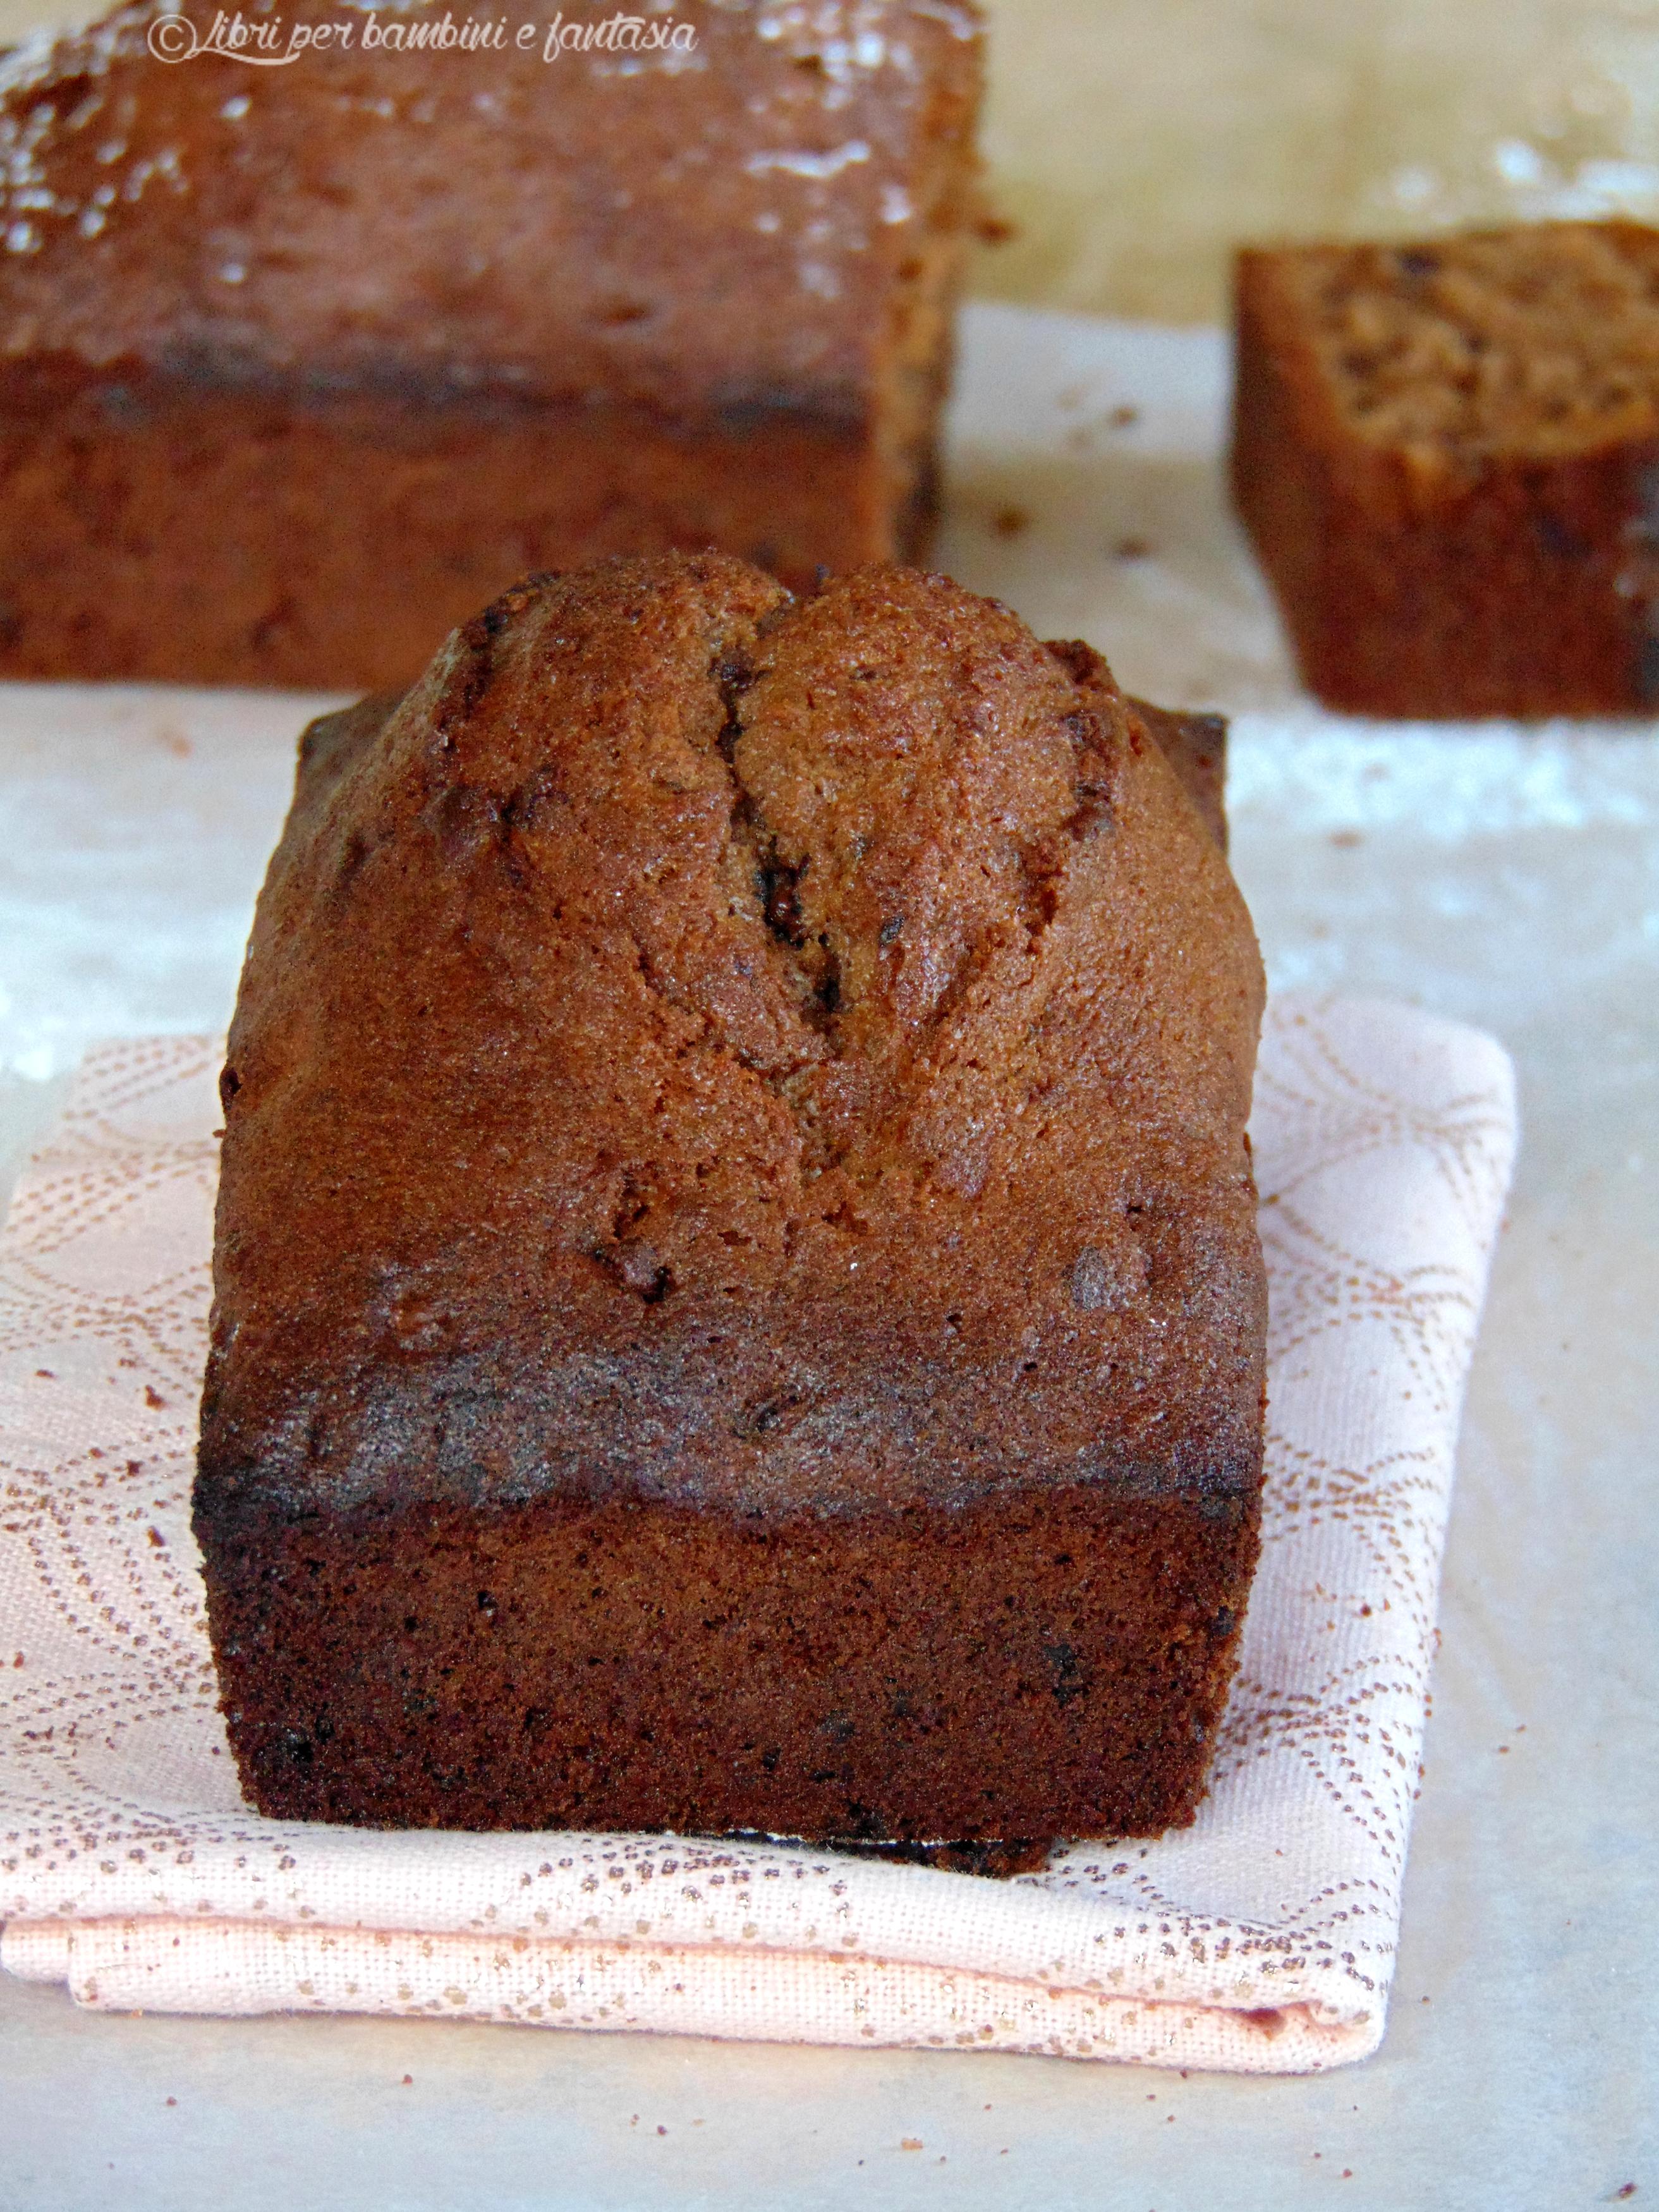 plum cake al cioccolato Massari 99